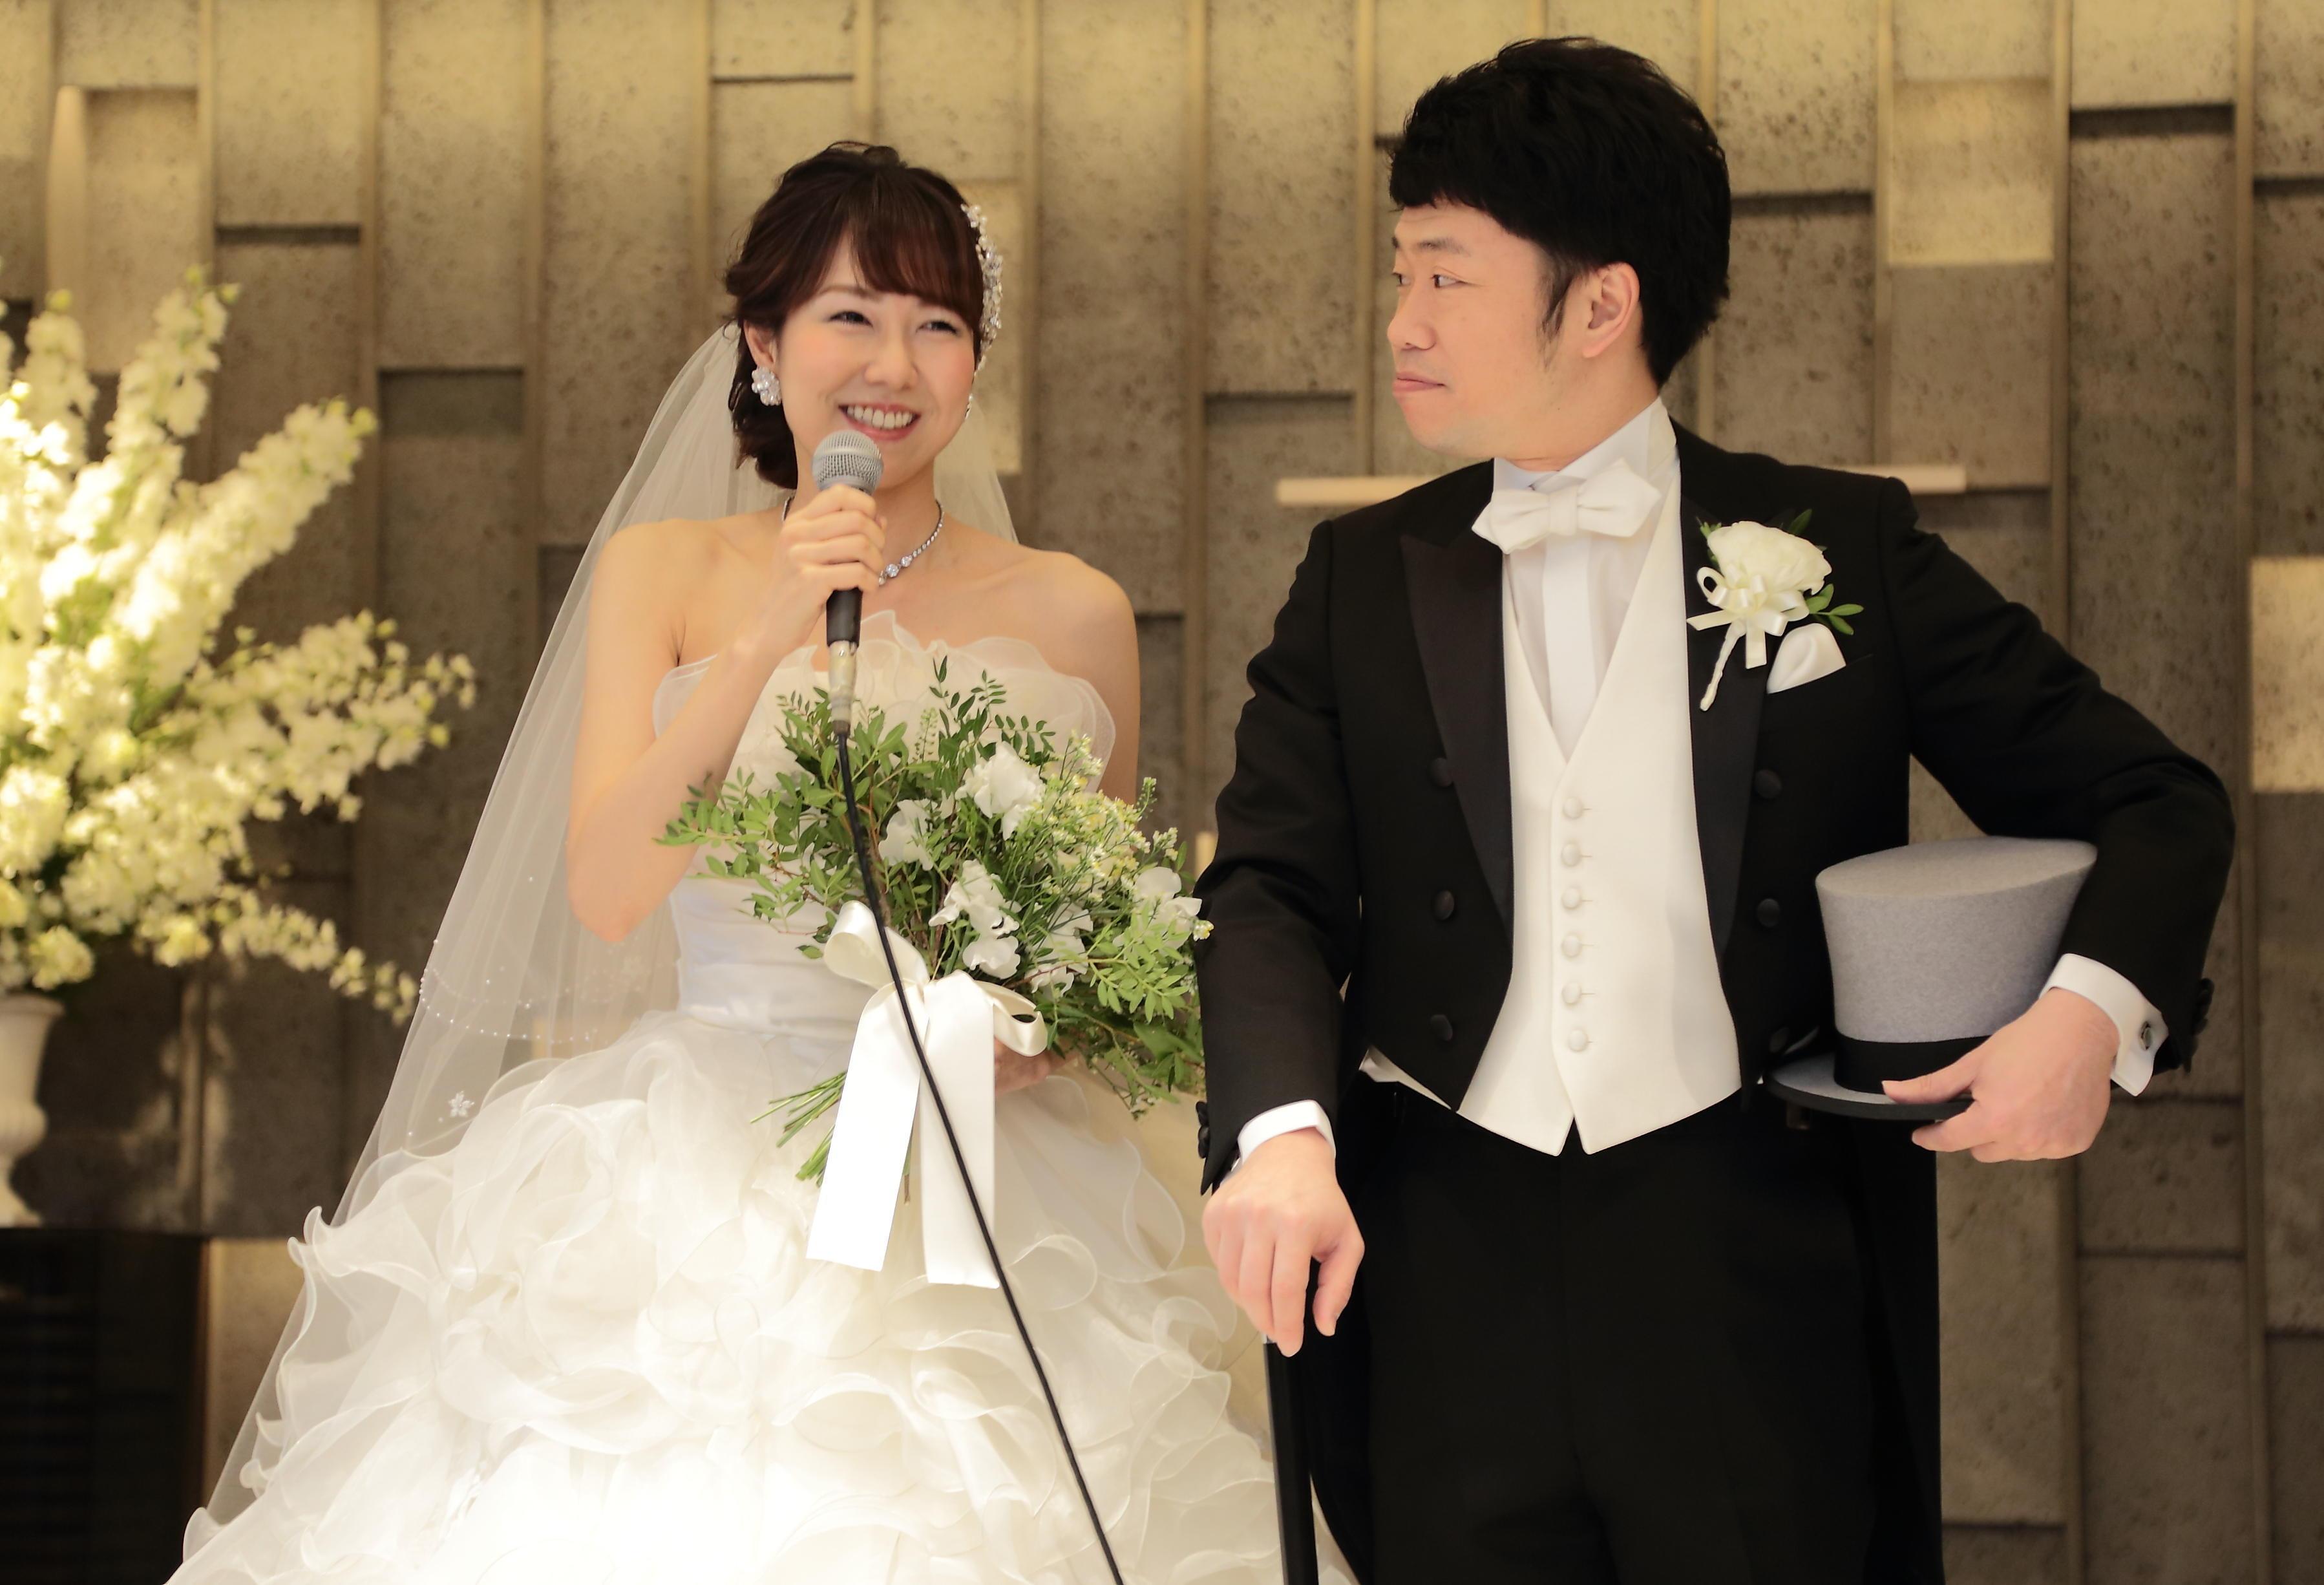 http://news.yoshimoto.co.jp/20180312164012-46548b12b956935c2feb7b18612b2a5868d2aaba.jpg